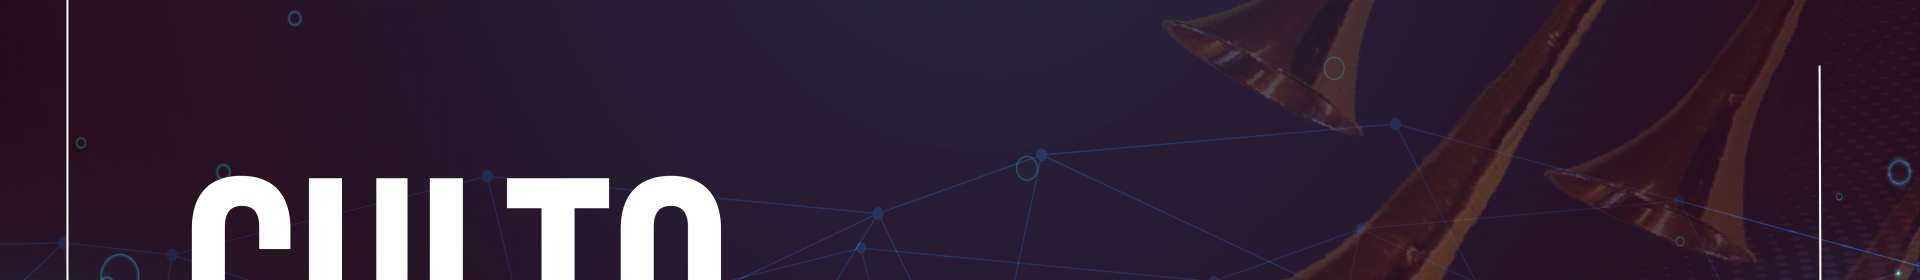 Culto via satélite exibido em 01/03/2020